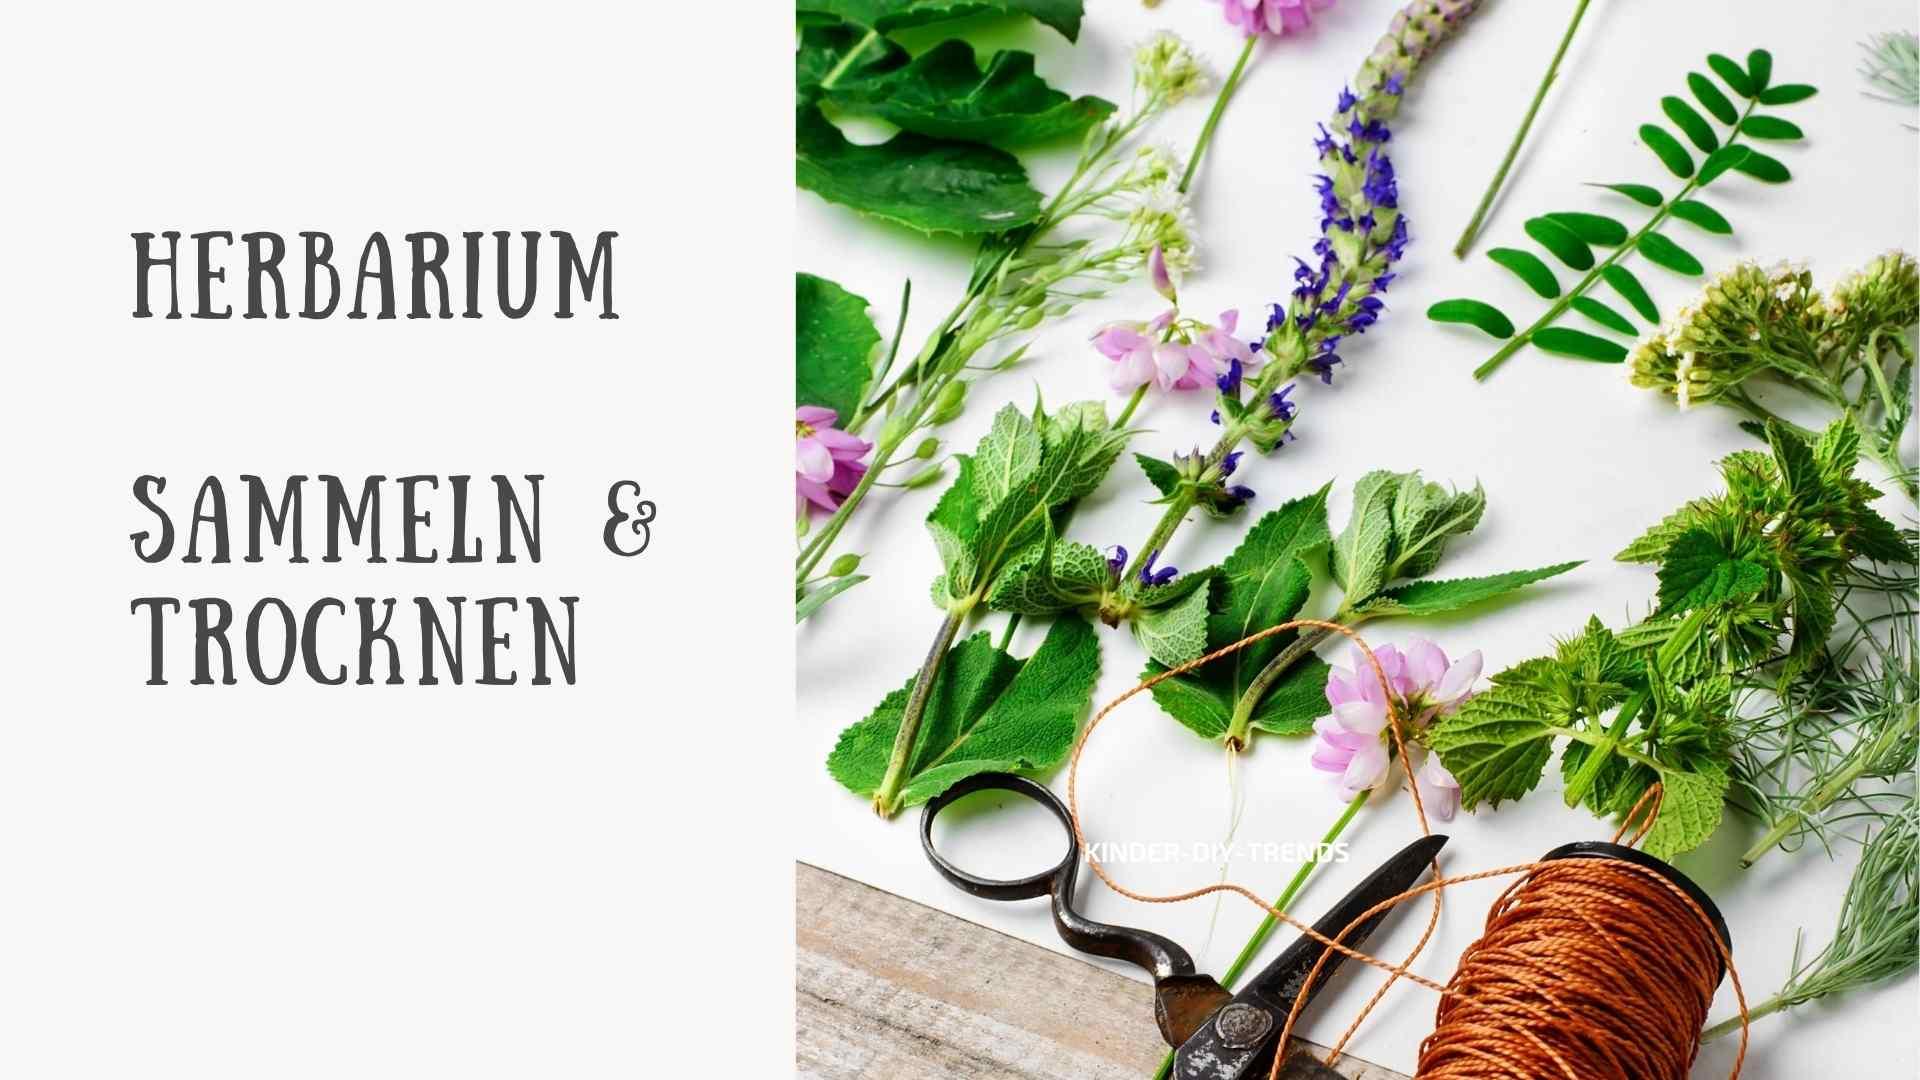 So erstellst du ein Herbarium: Blätter sammeln und Pressen. Anleitung.